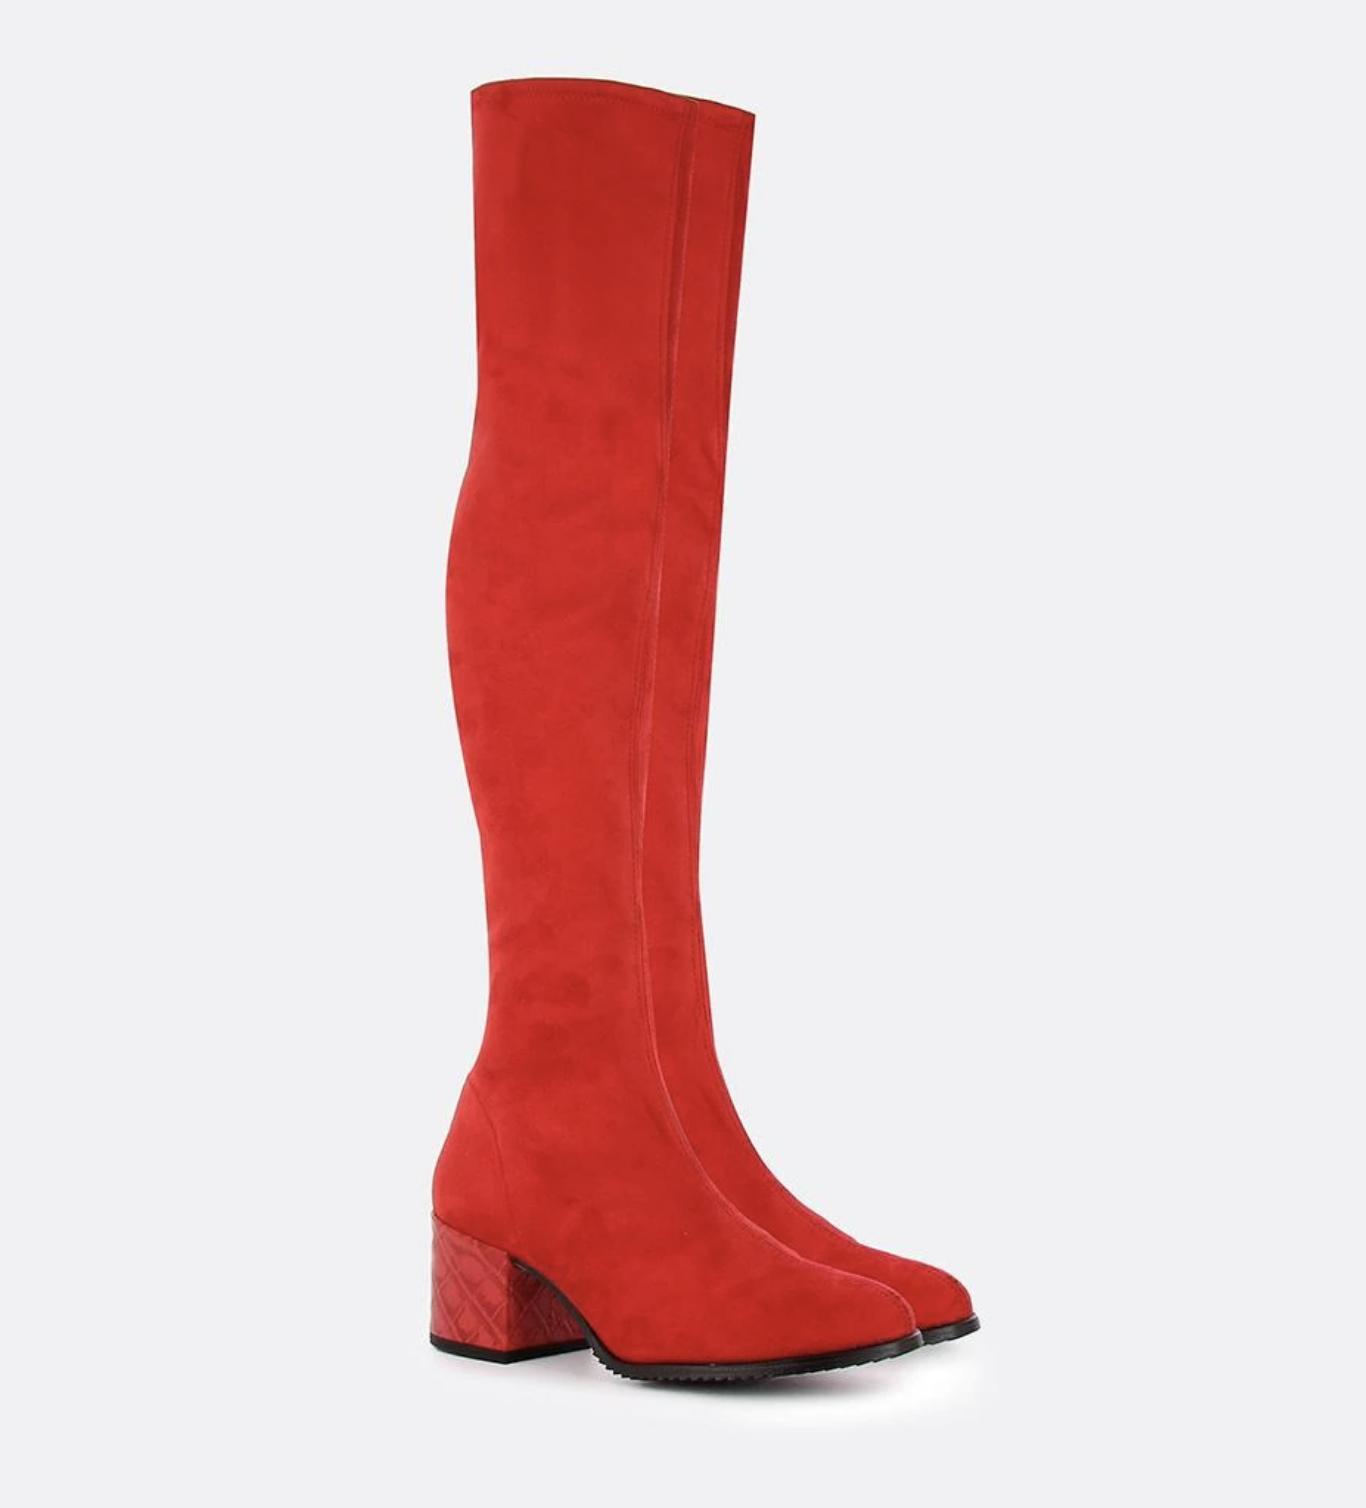 Botas de mujer Cuplé en ante elástico color rojo